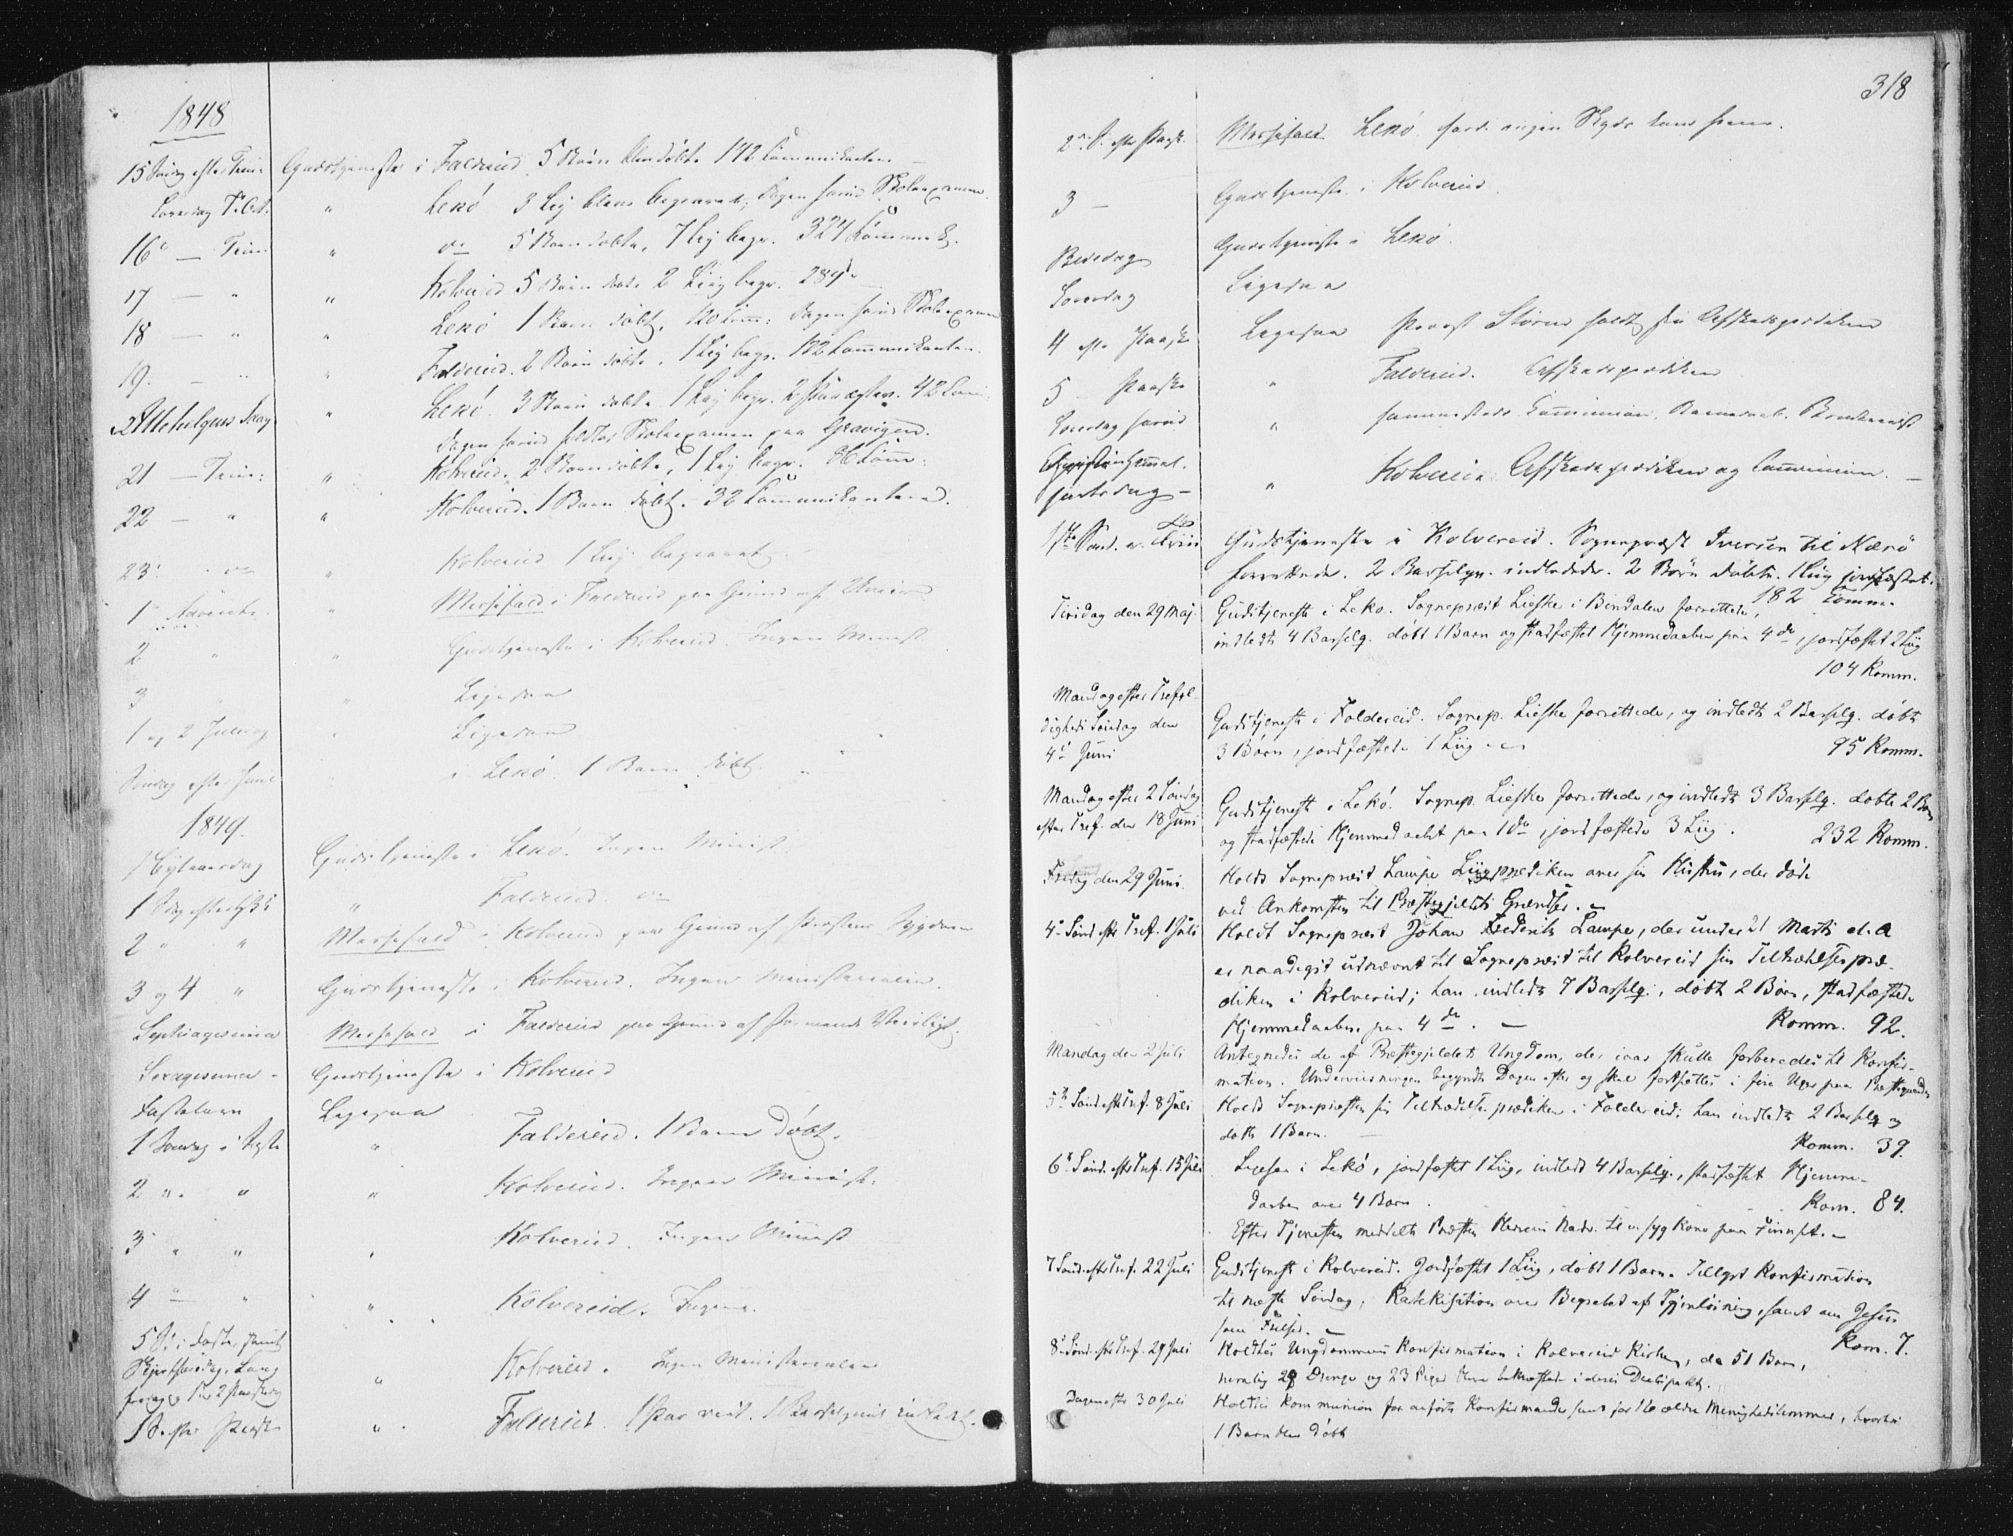 SAT, Ministerialprotokoller, klokkerbøker og fødselsregistre - Nord-Trøndelag, 780/L0640: Ministerialbok nr. 780A05, 1845-1856, s. 318